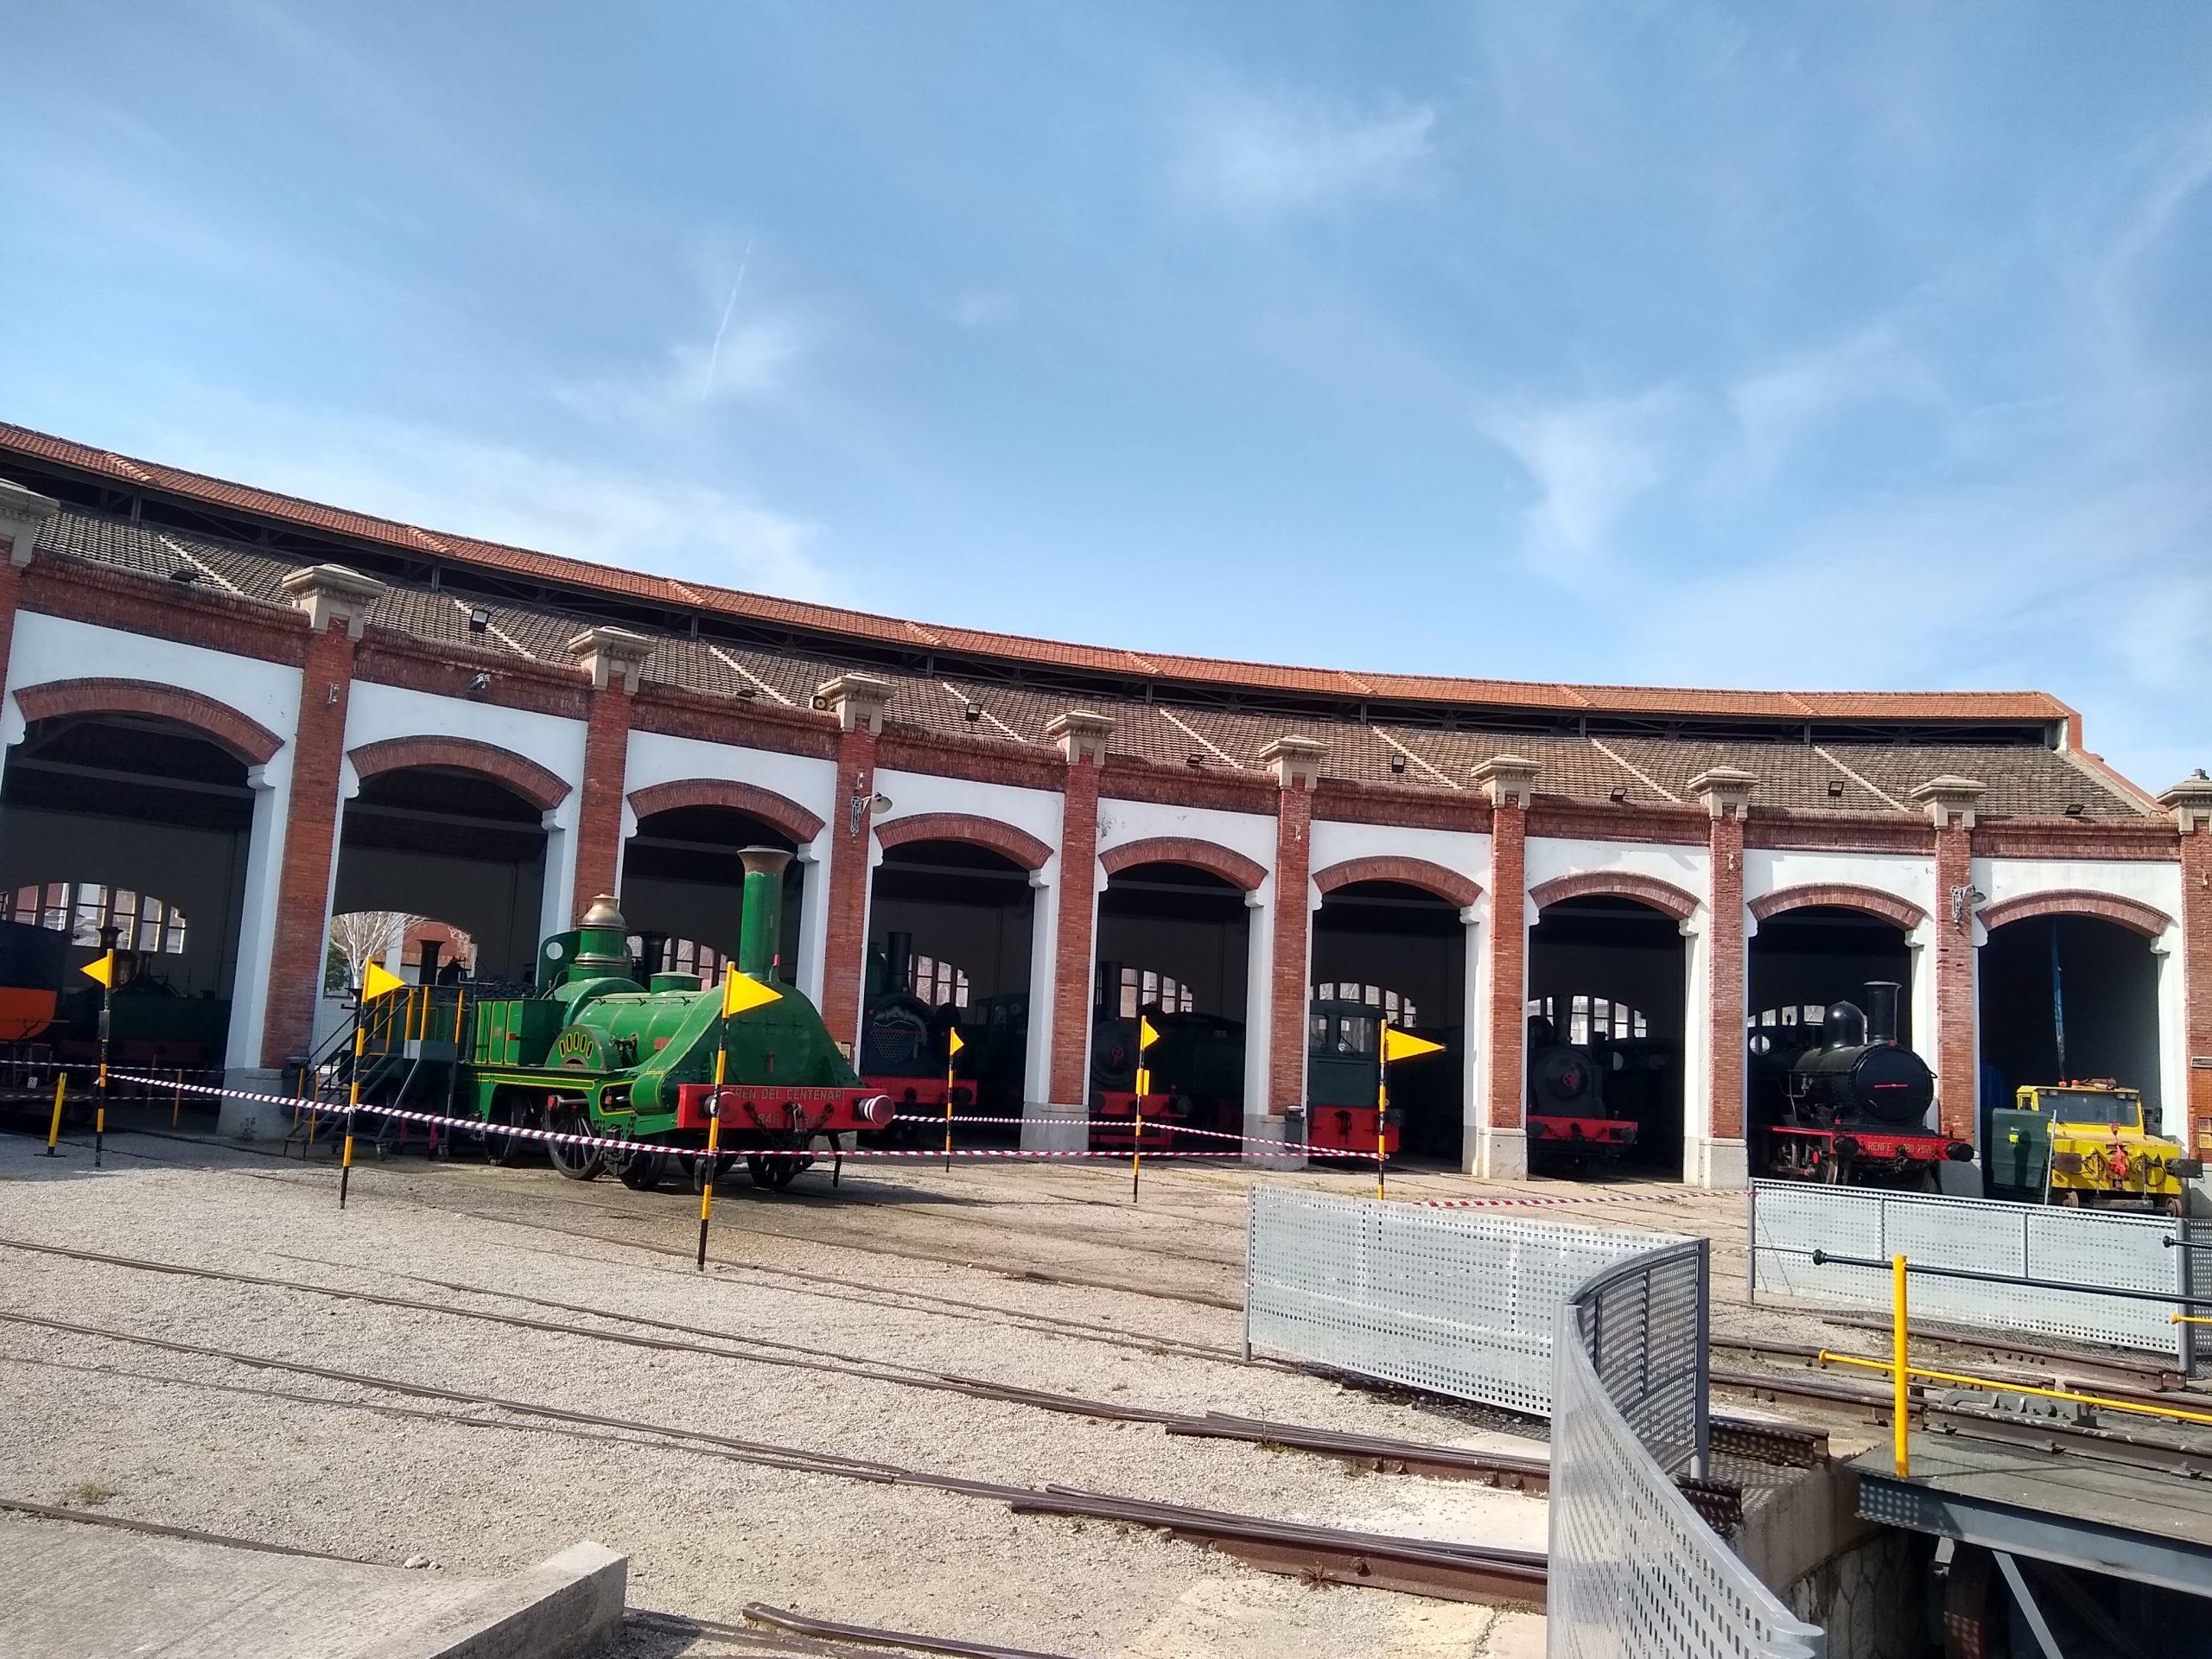 Museo del Ferrocarril de Catalunya, Vilanova i la Geltrú